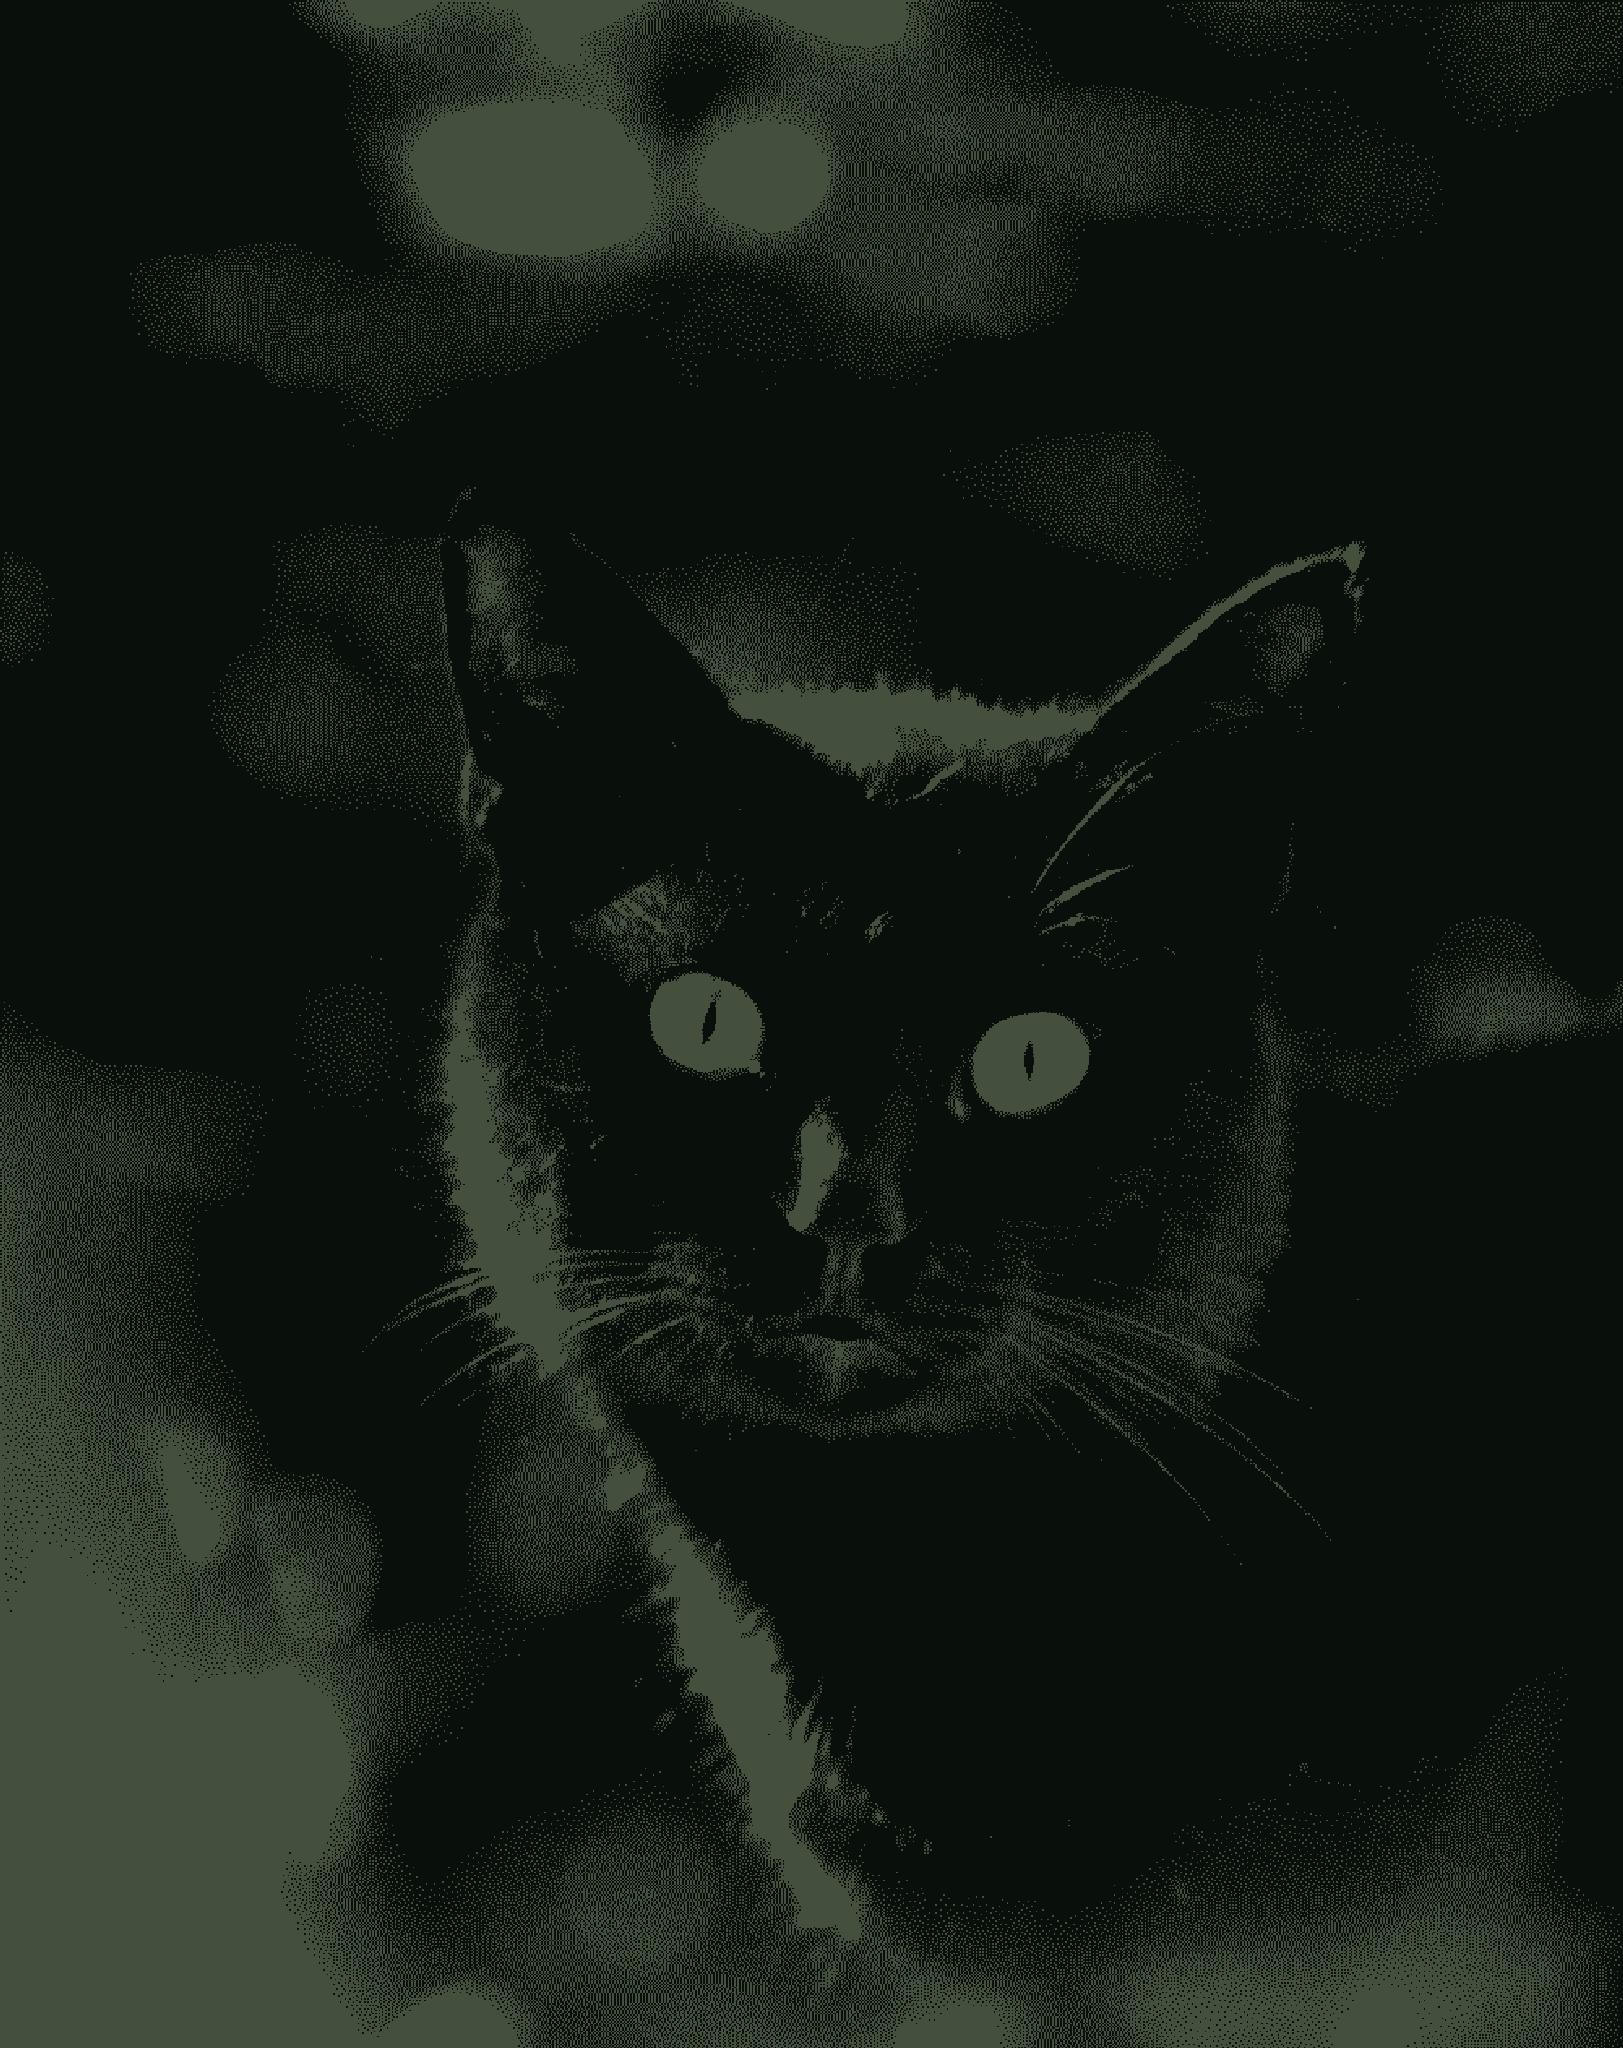 Cat Thomas by Alexandr  V. Seleznov